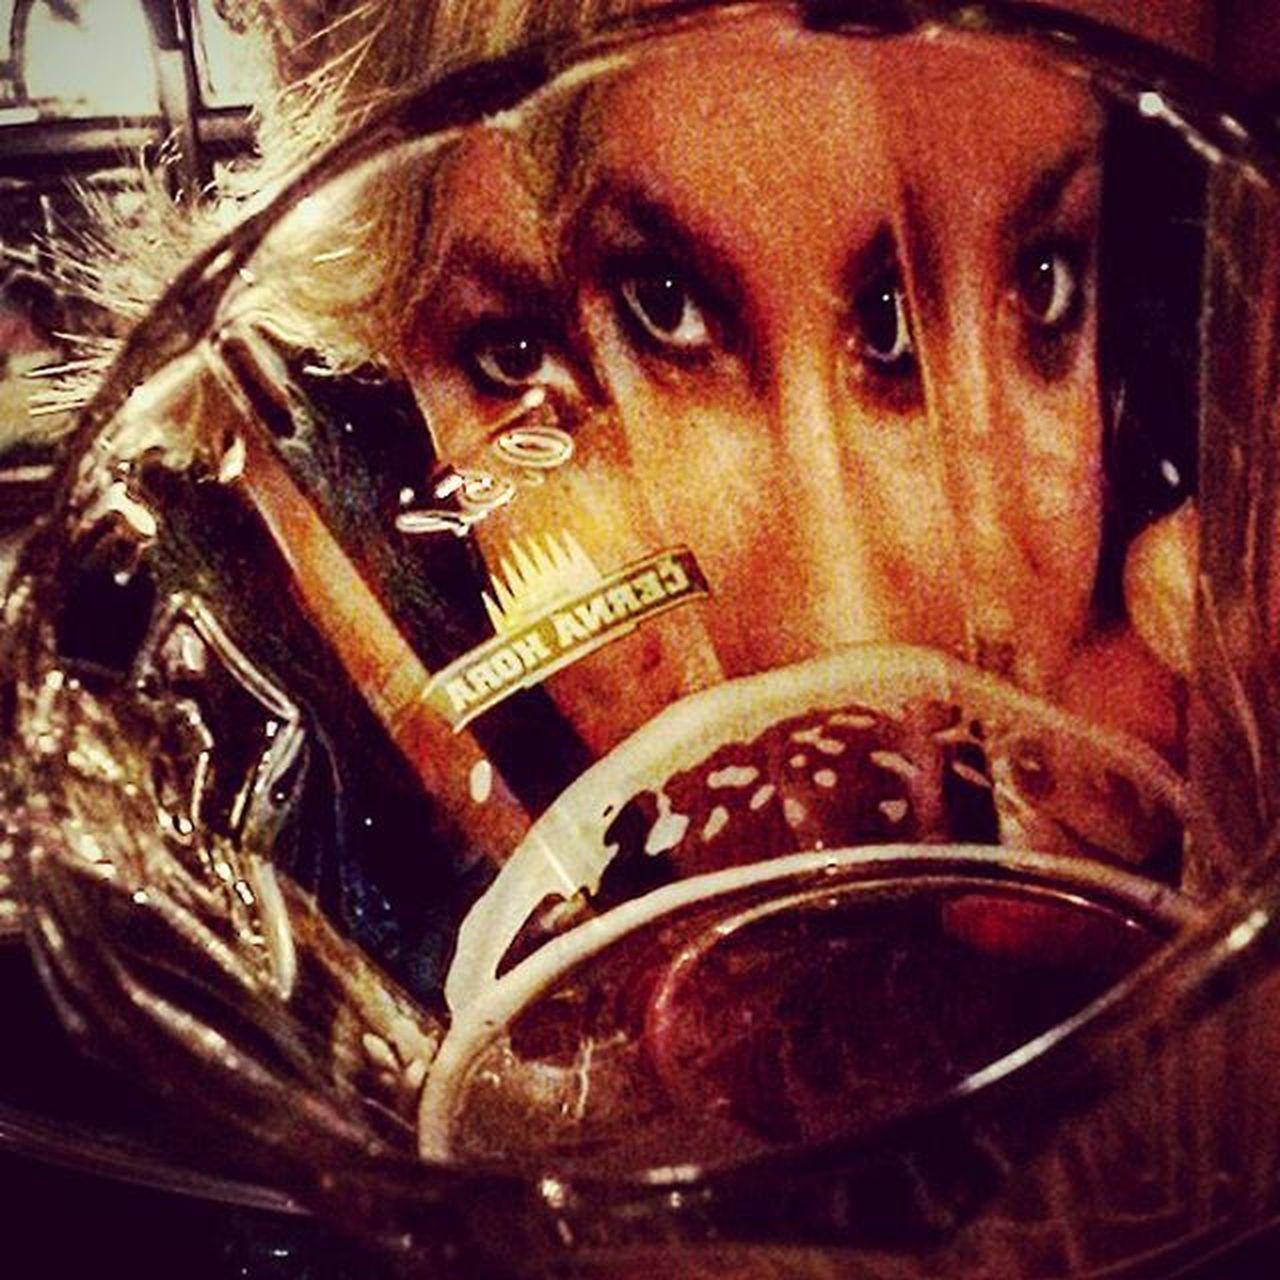 Delírium mindenhol: Hétvégi érzelmeket tükröznek -mind mámorosan táncol- Belvárosi ódon csapszékek. Budapest Downtown Pub KNEIPE Kocsma Friday Night Drinkingagain Delirium Drunk Rychtar Beer Pivo Sör Reflection Perspective Beautiful Girl Blonde Pixie Loveher @nikola.vegh